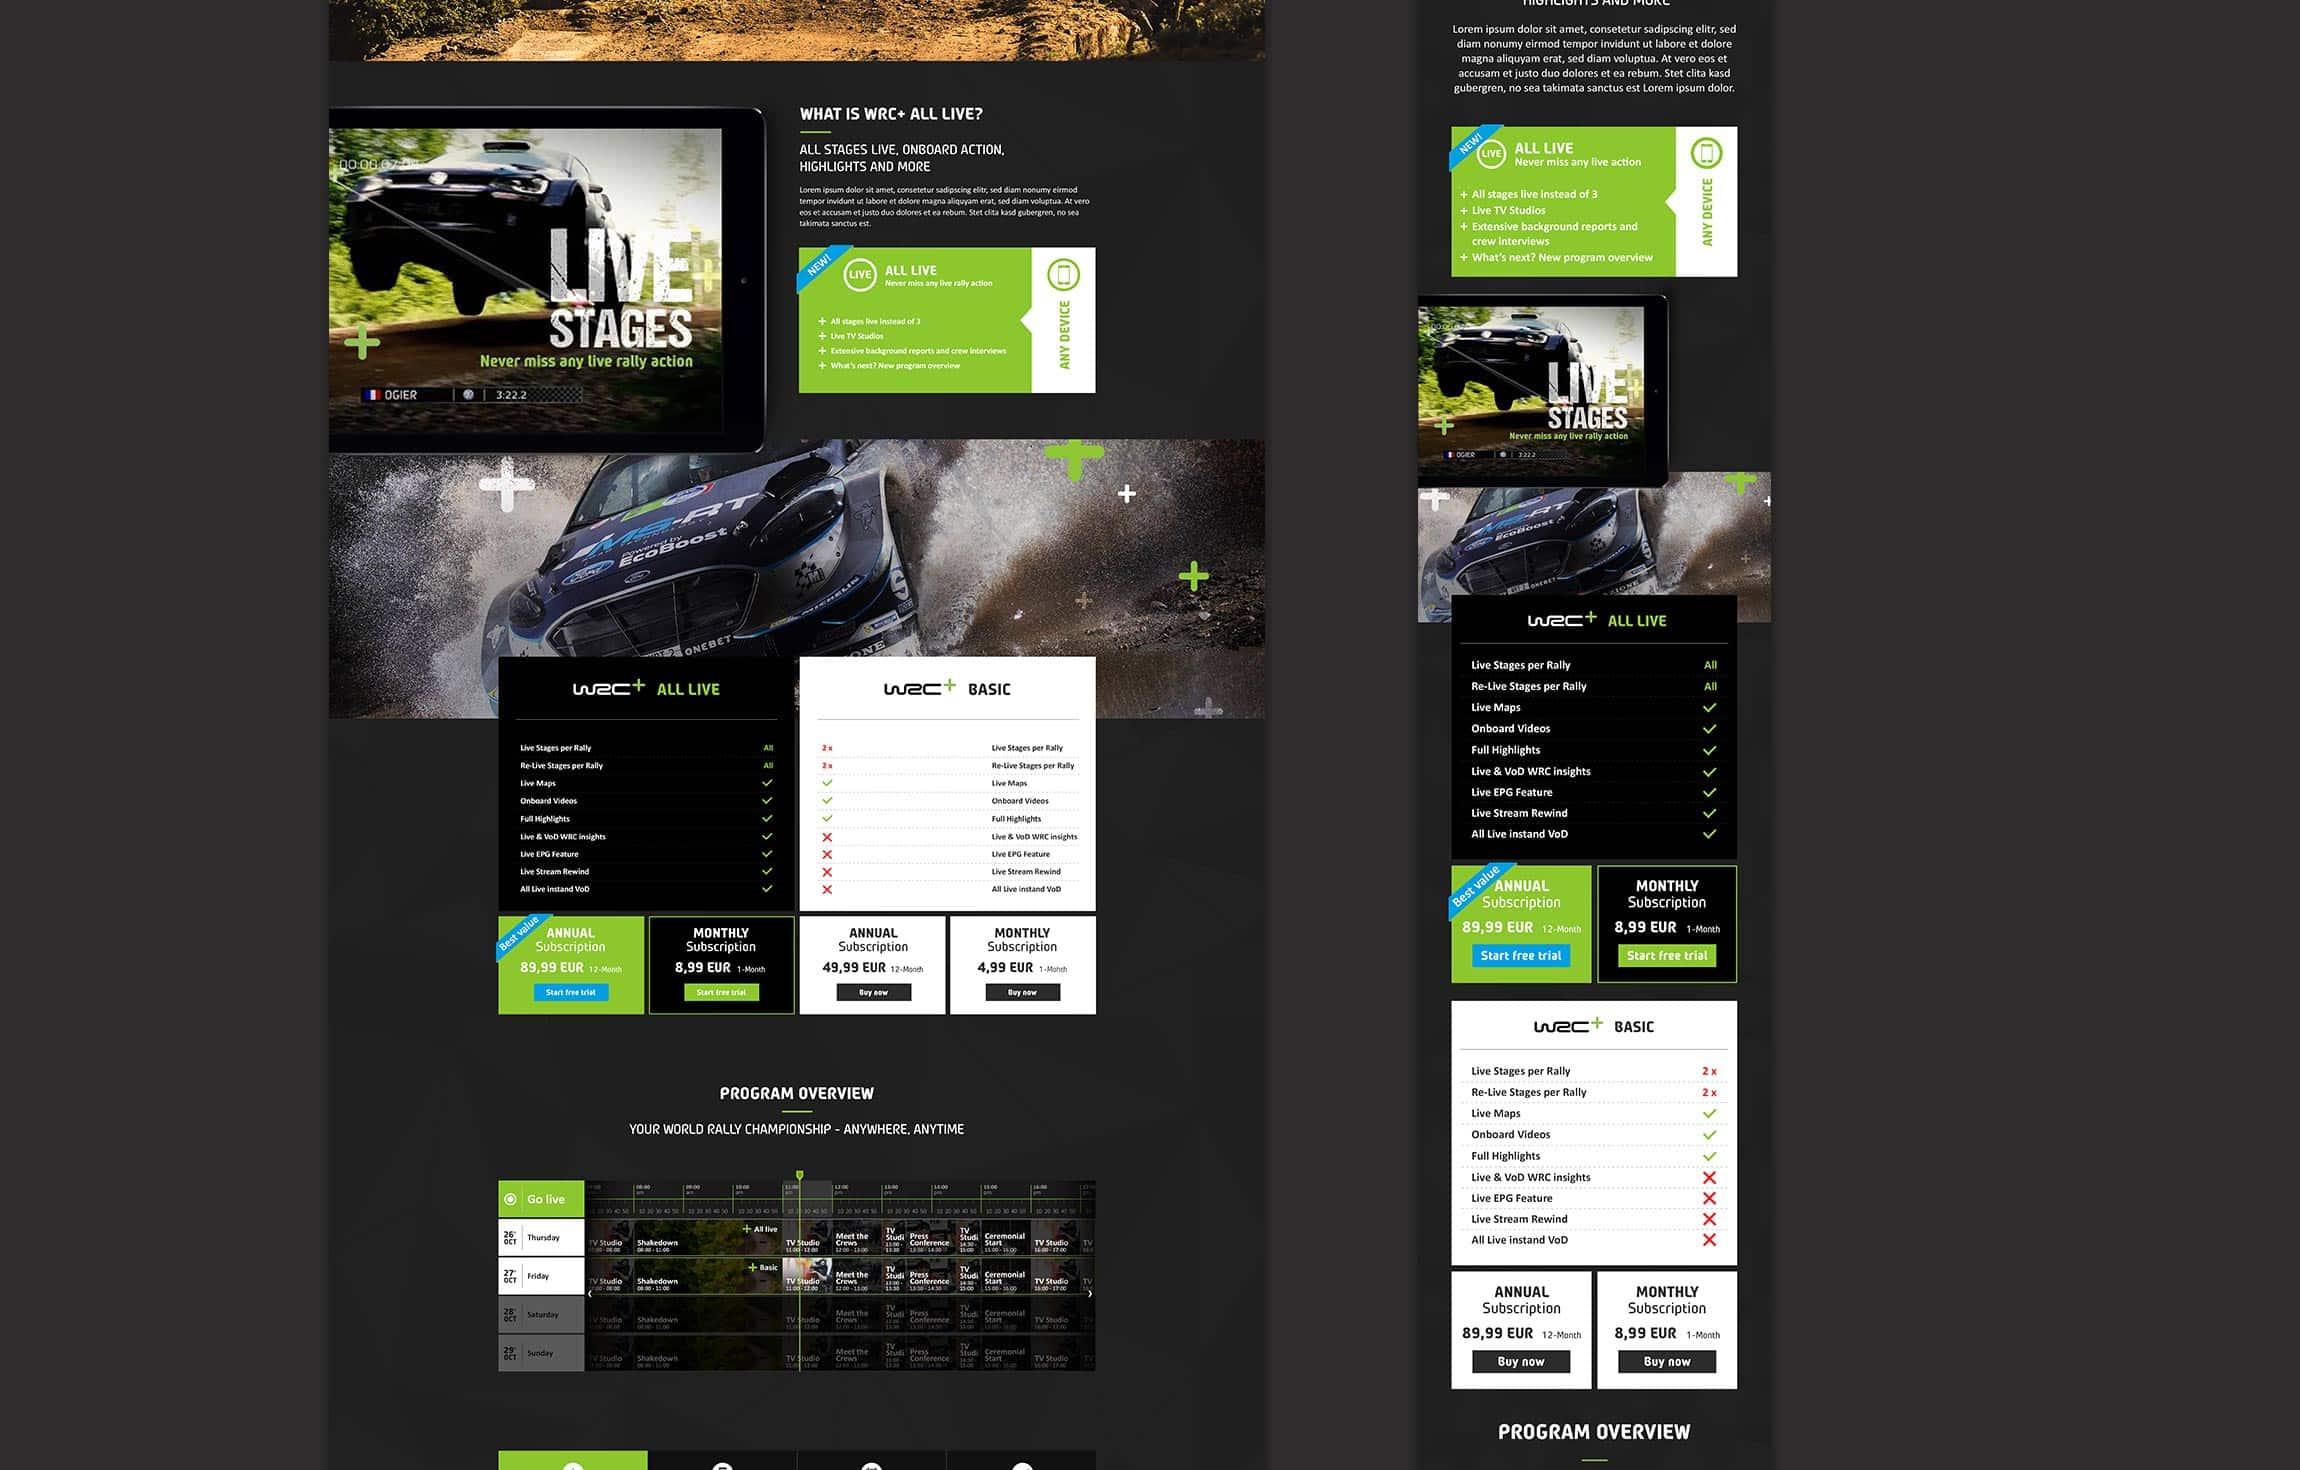 eazee-designstudio-website-erstellen-lassen-muenchen-wrc-epg03